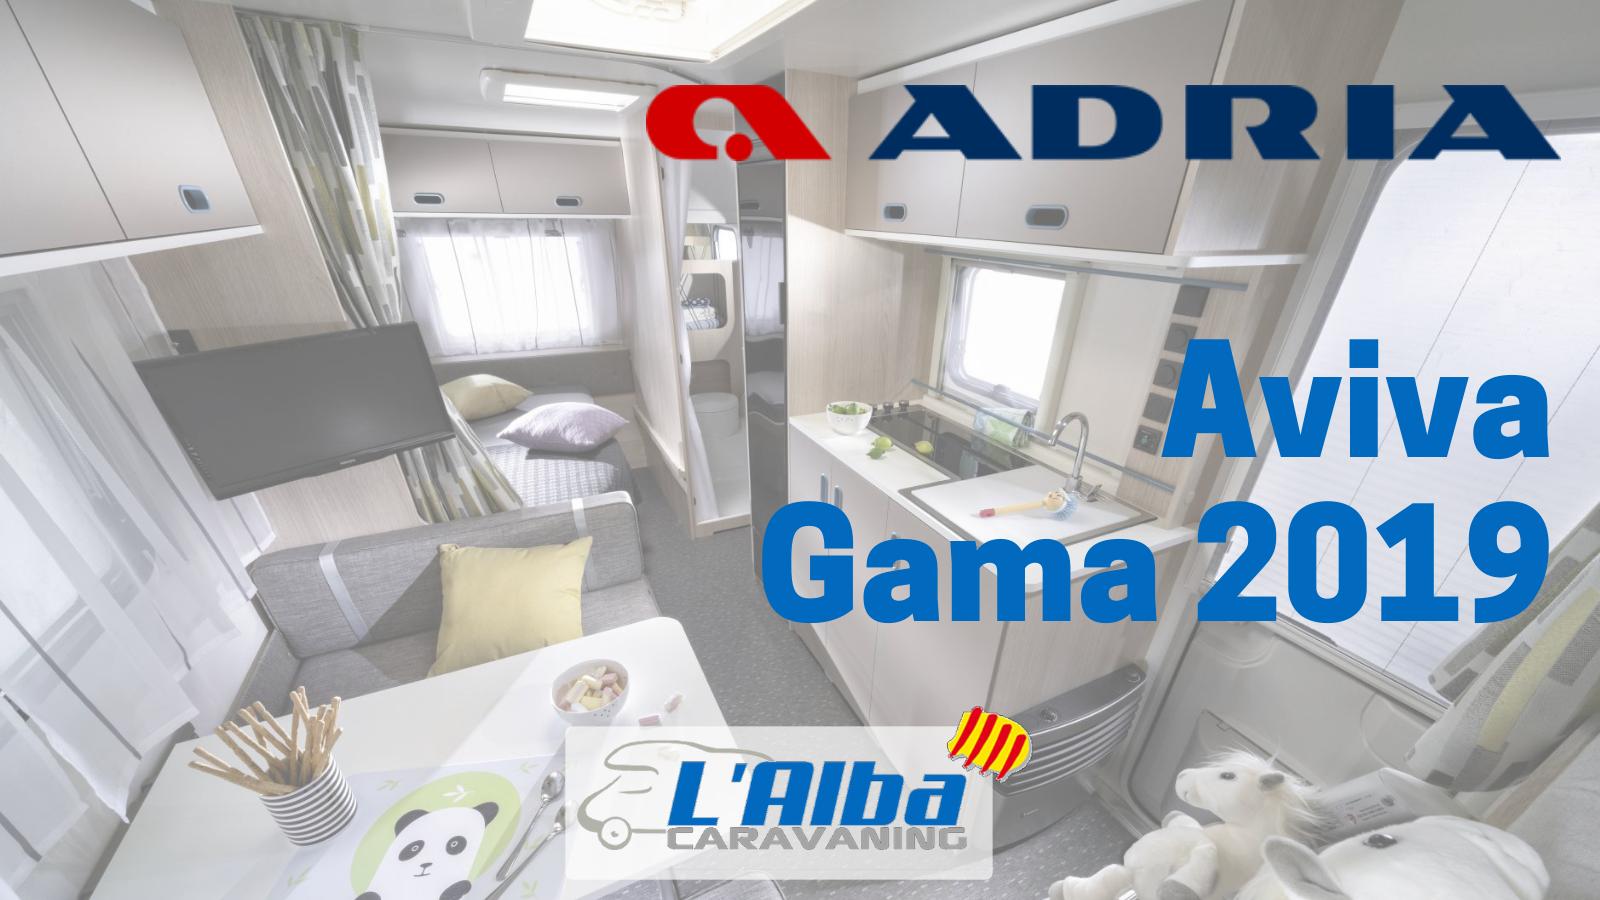 Adria Aviva 2019